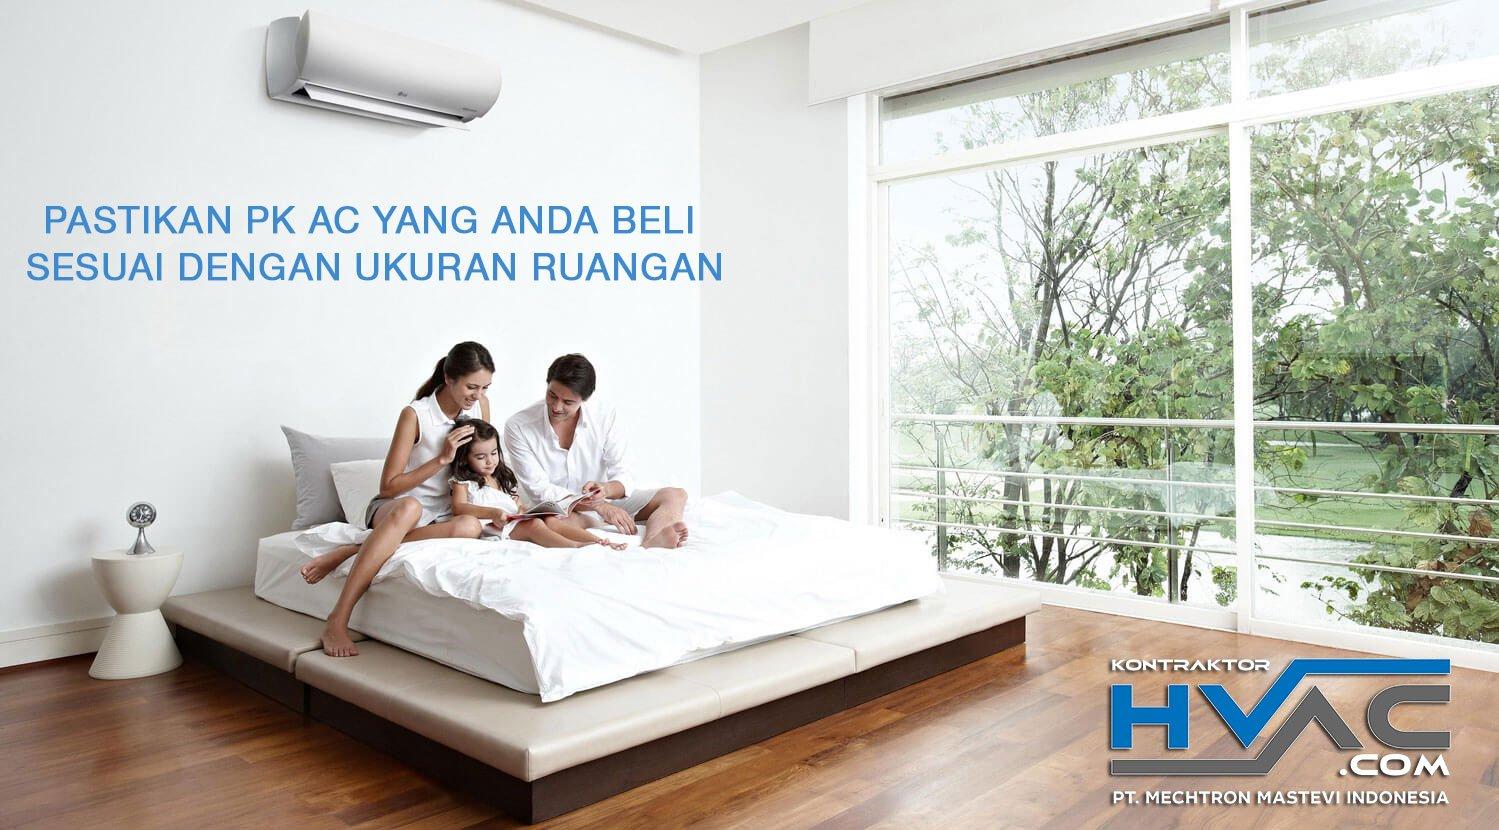 Pastikan PK AC yang anda beli sesuai dengan ukuran ruangan